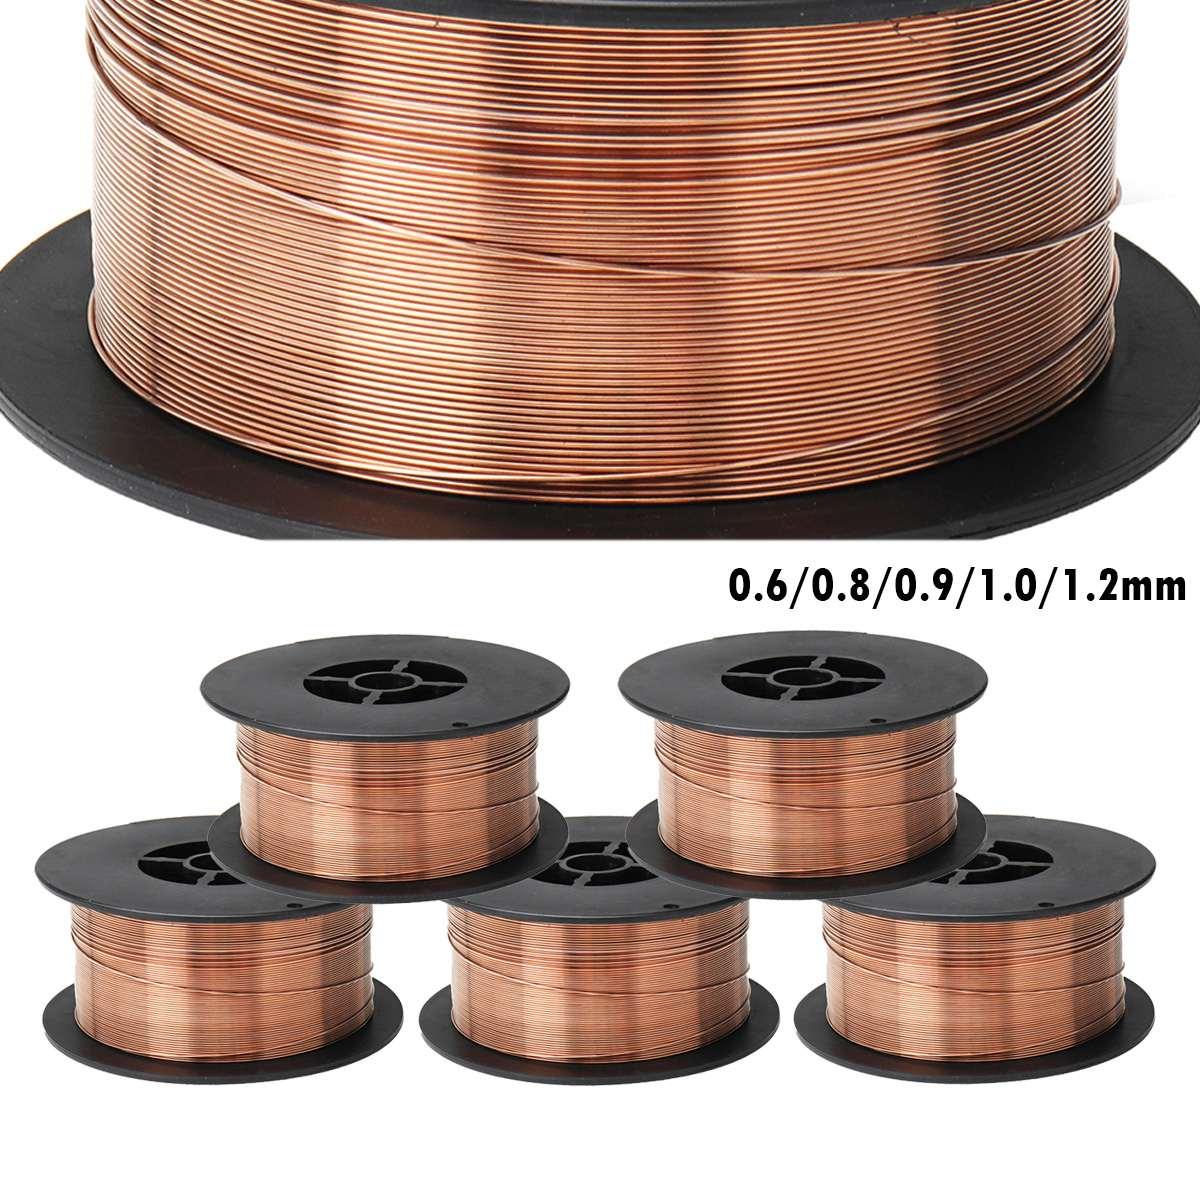 0.6/0.8/0.9/1.0/1.2mm 1 KG Gás Blindado do Fio de Soldadura de Aço de Carbono do Aço Suave ER70S-6/ER50-6 Fios de Solda MIG